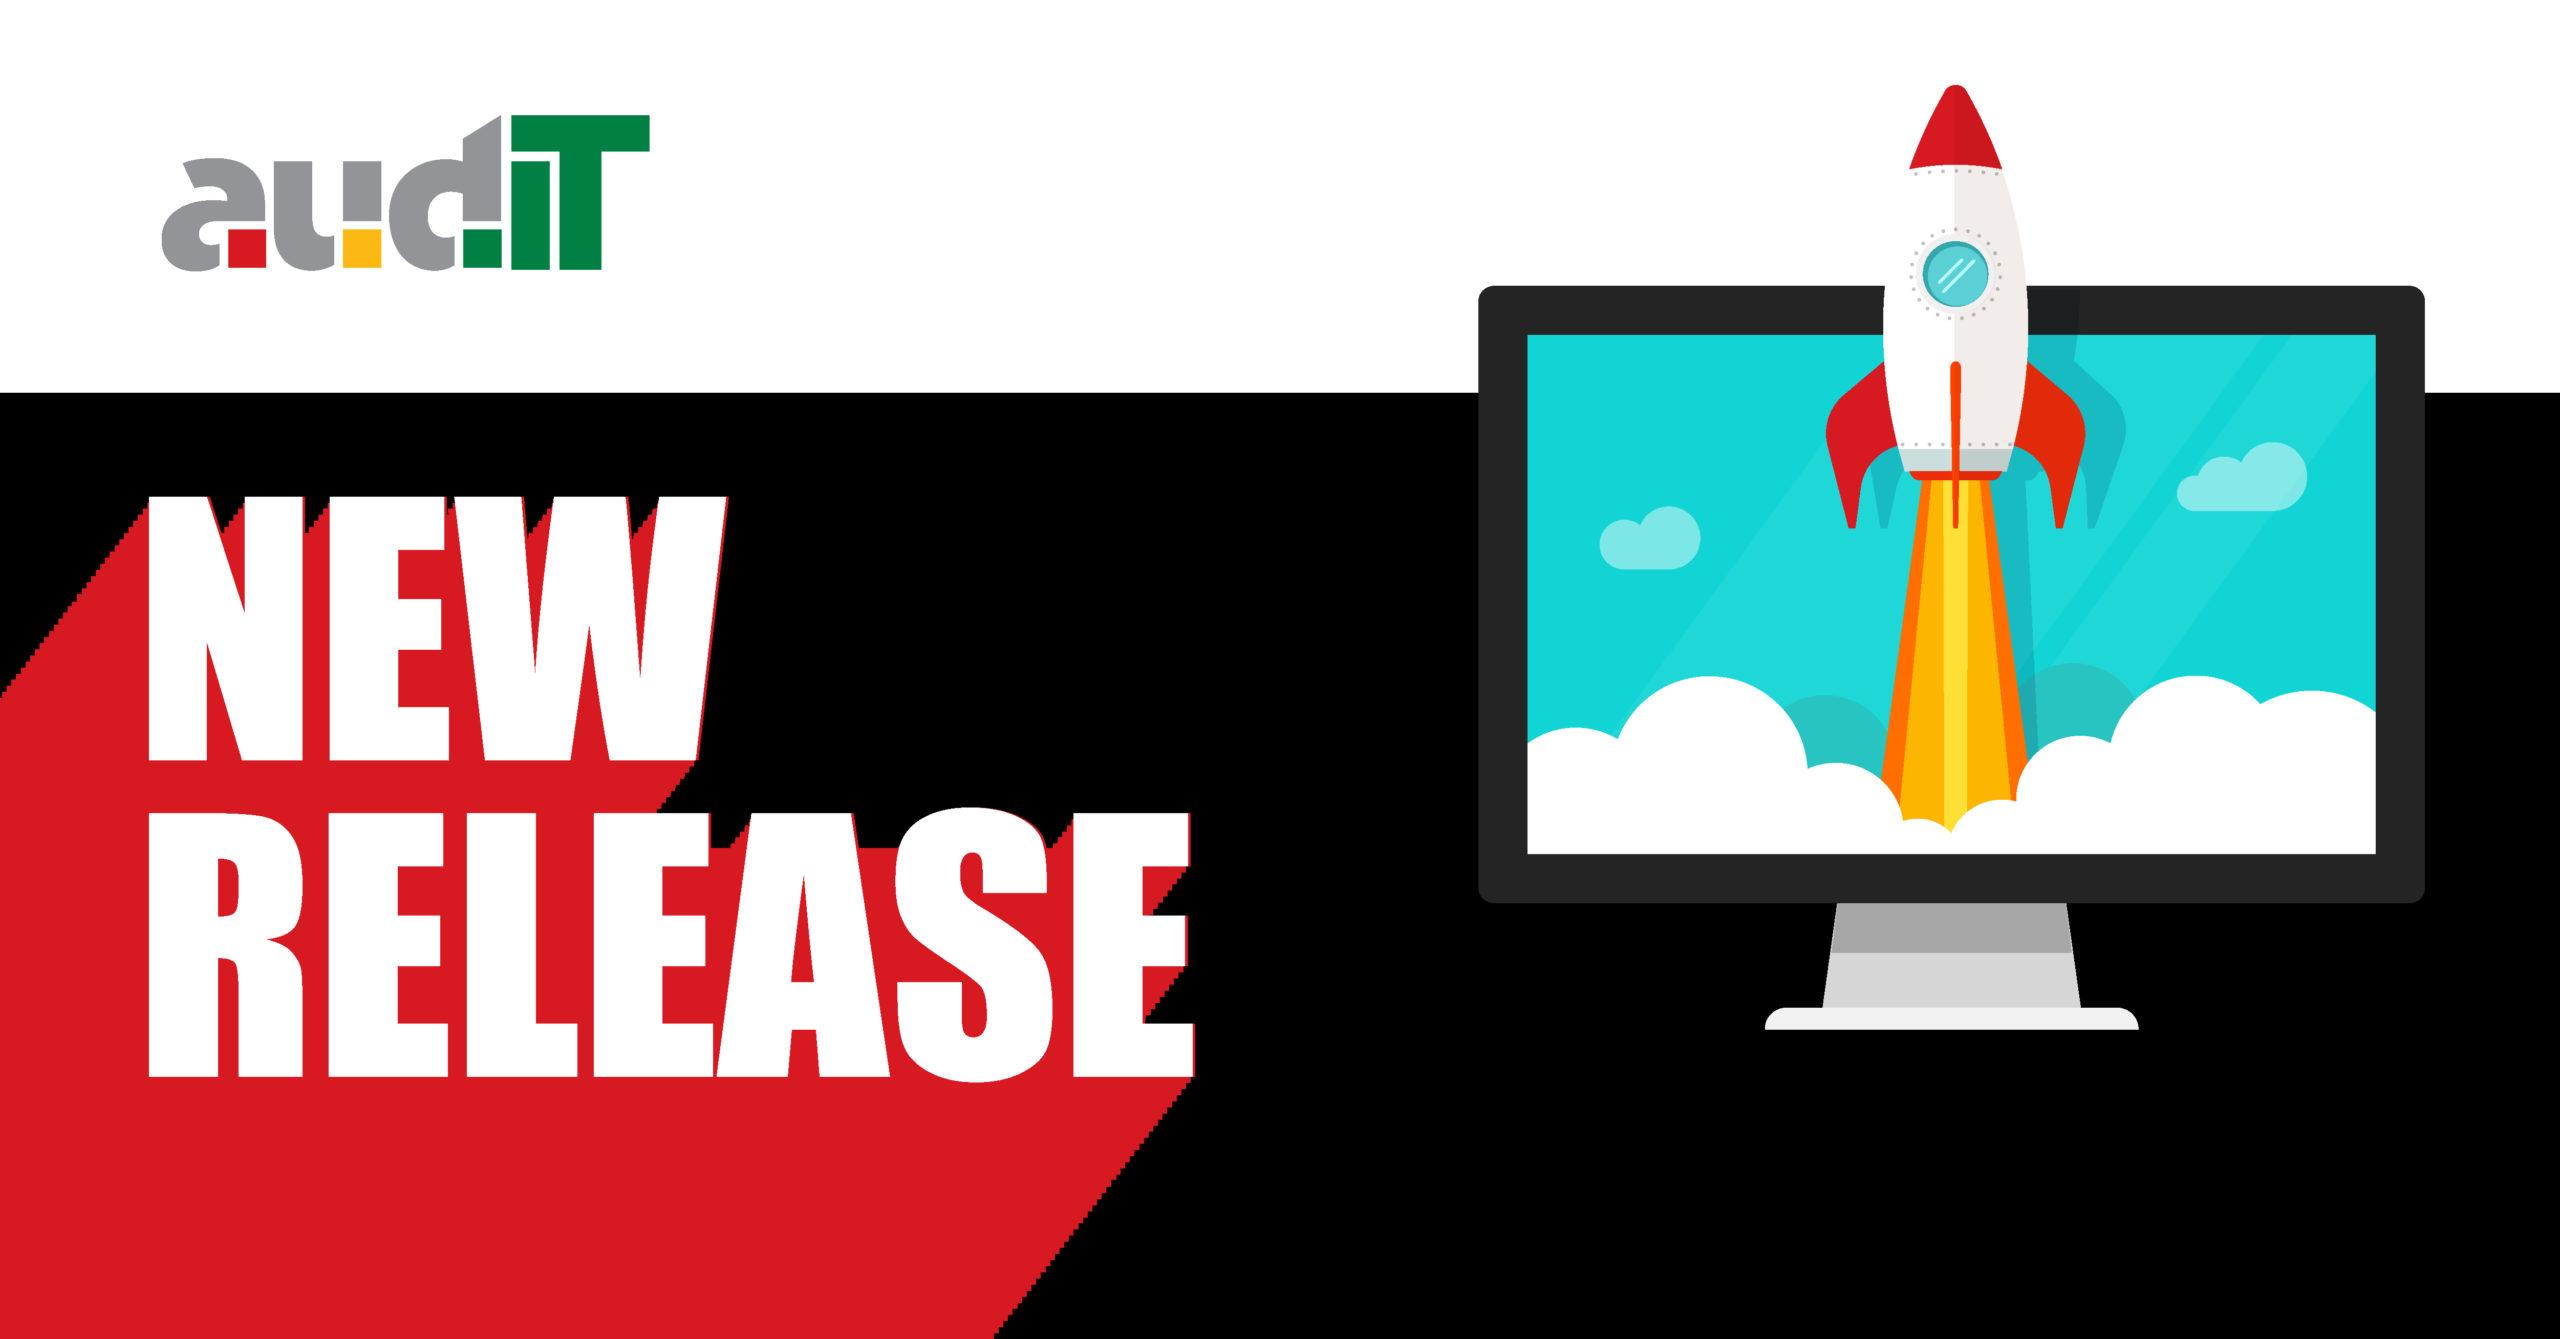 New-release-audIT-dec-2020-medium-scaled